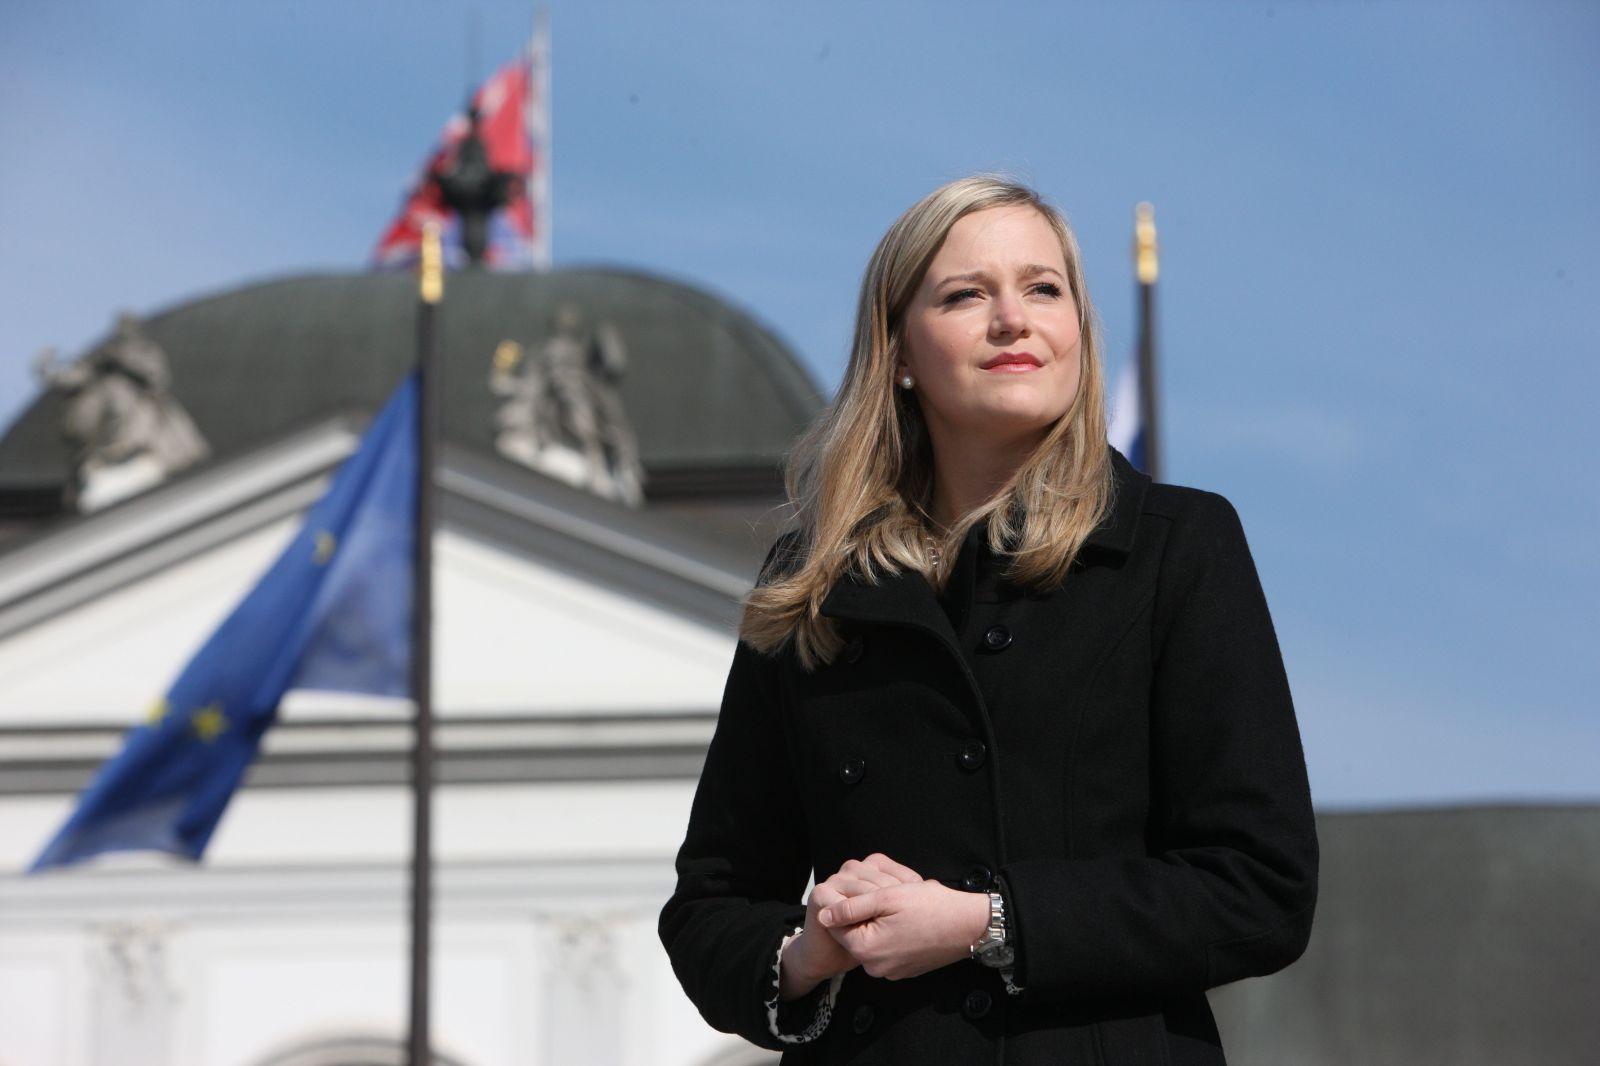 Na Slovensku je súdenie ľudí národným športom, tvrdí 27-ročná Vladimíra, najmladšia členka prezidentovho tímu (Rozhovor)